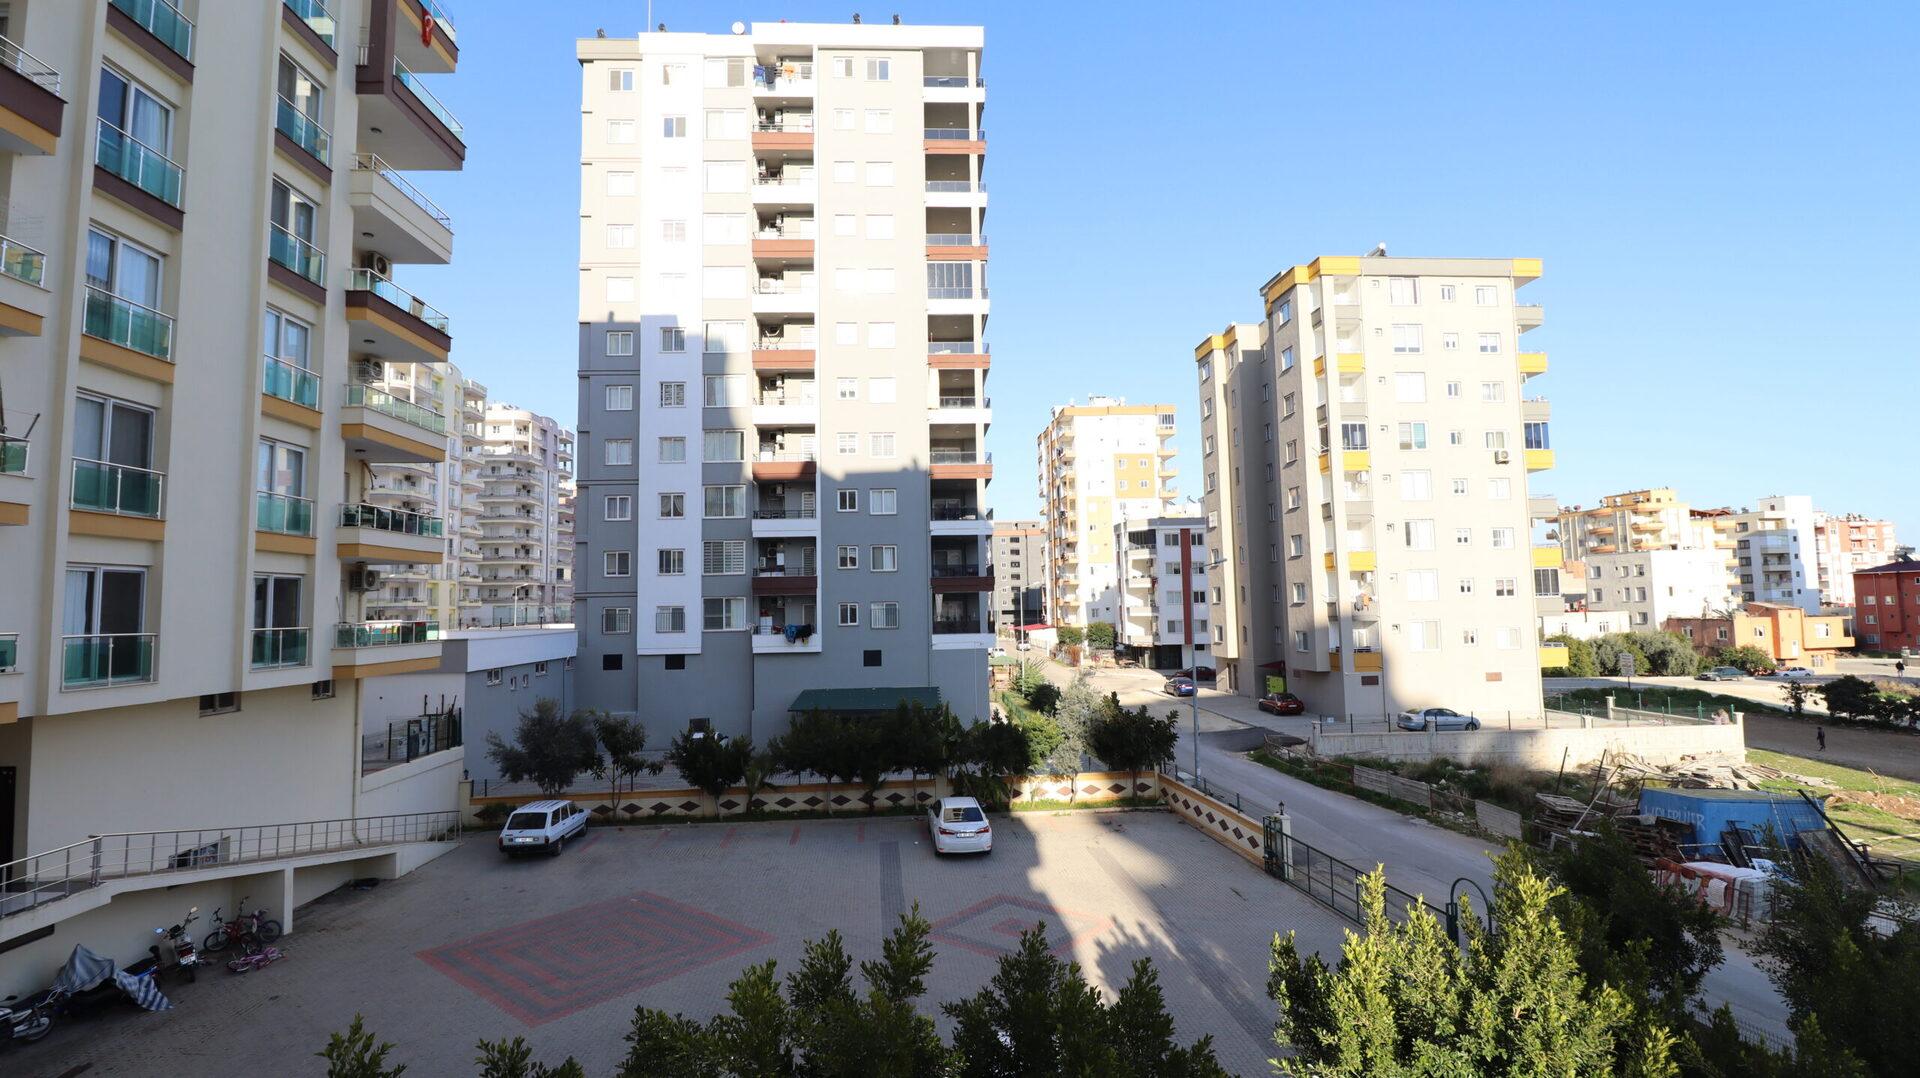 Mersin Erdemli Hastane Civarı Bağımsız Mutfak 3+1 Satılık Daire